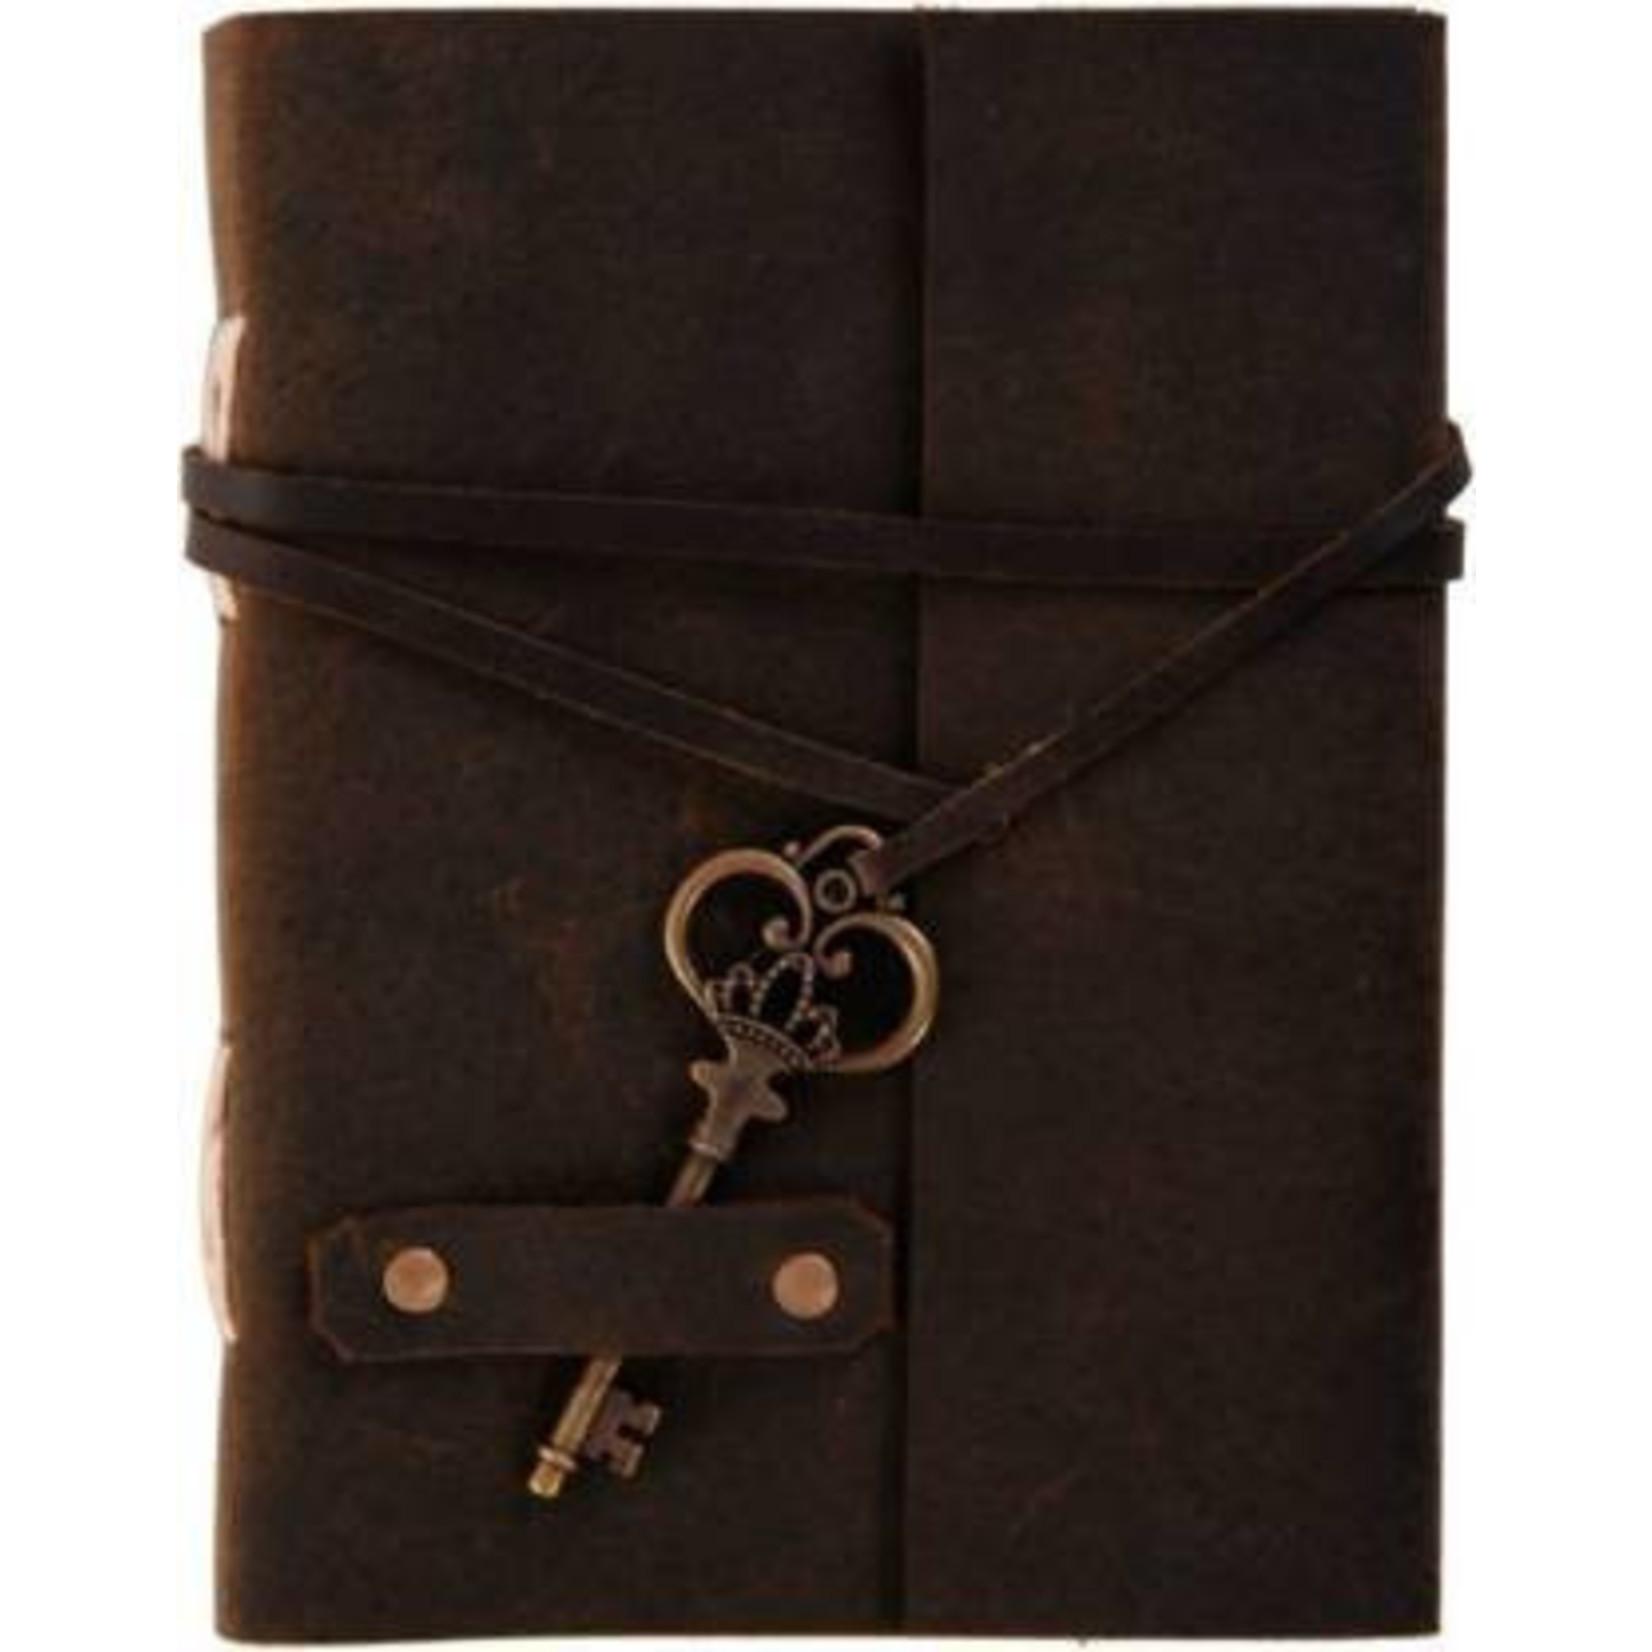 Blue Rickshaw Leather Journal w/ Key